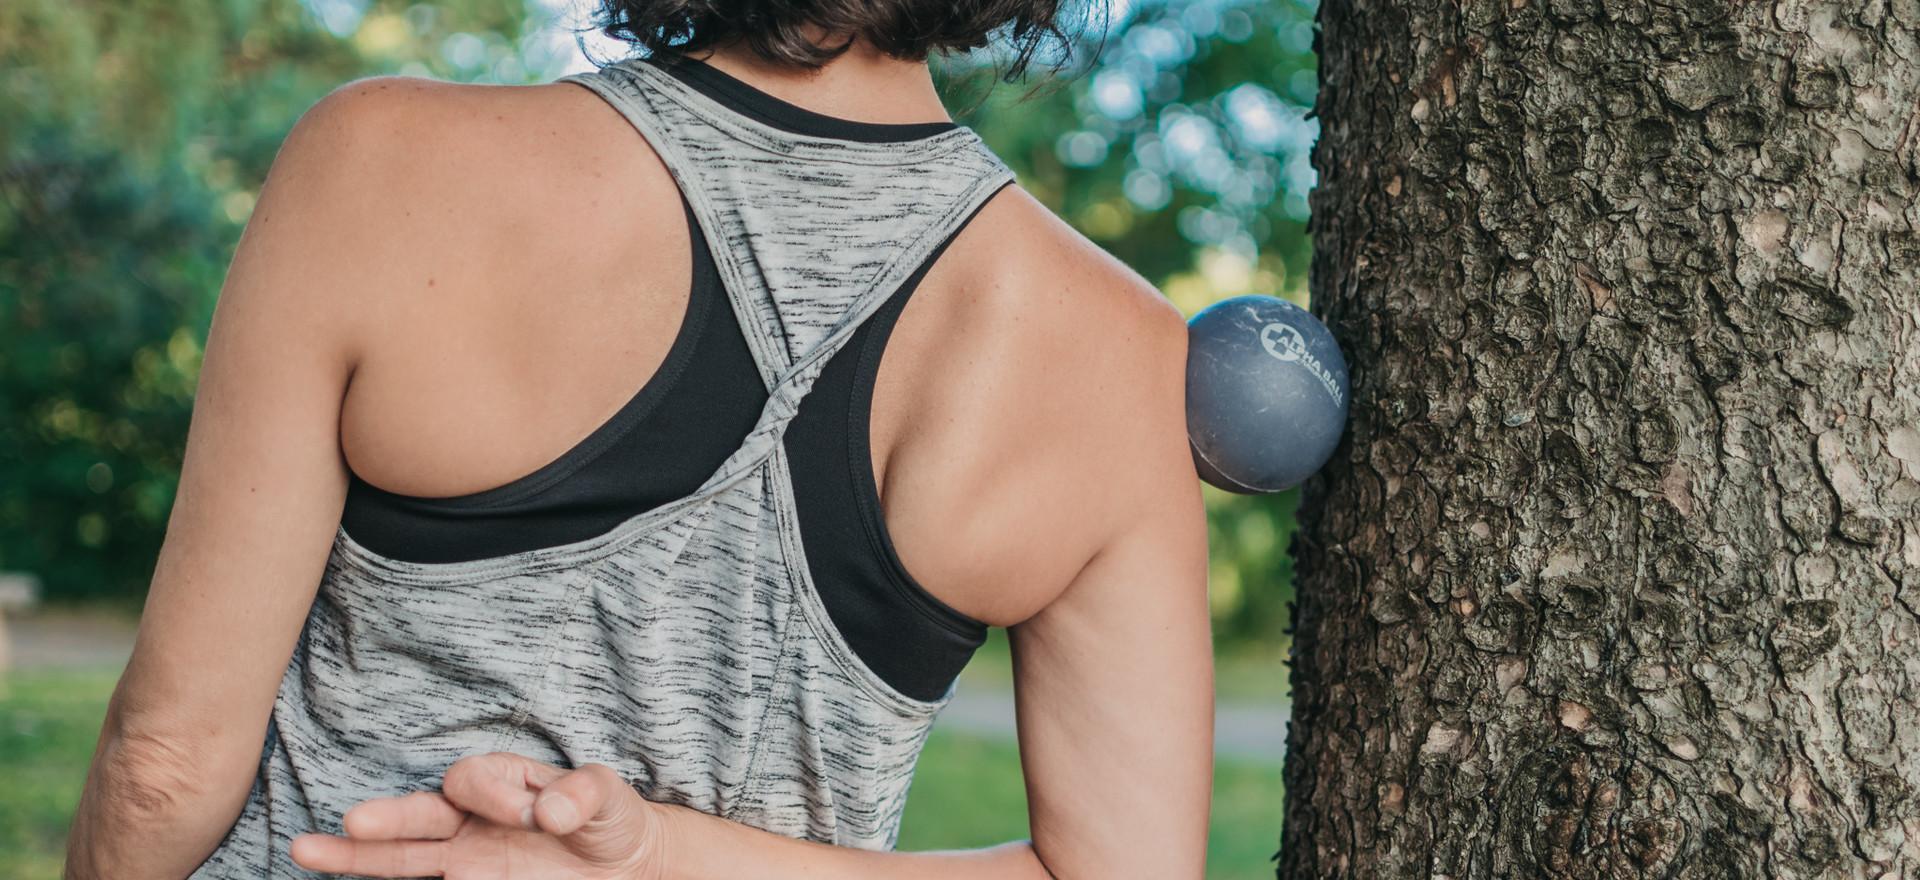 Yoga balles Trois-Rivières deltoïde